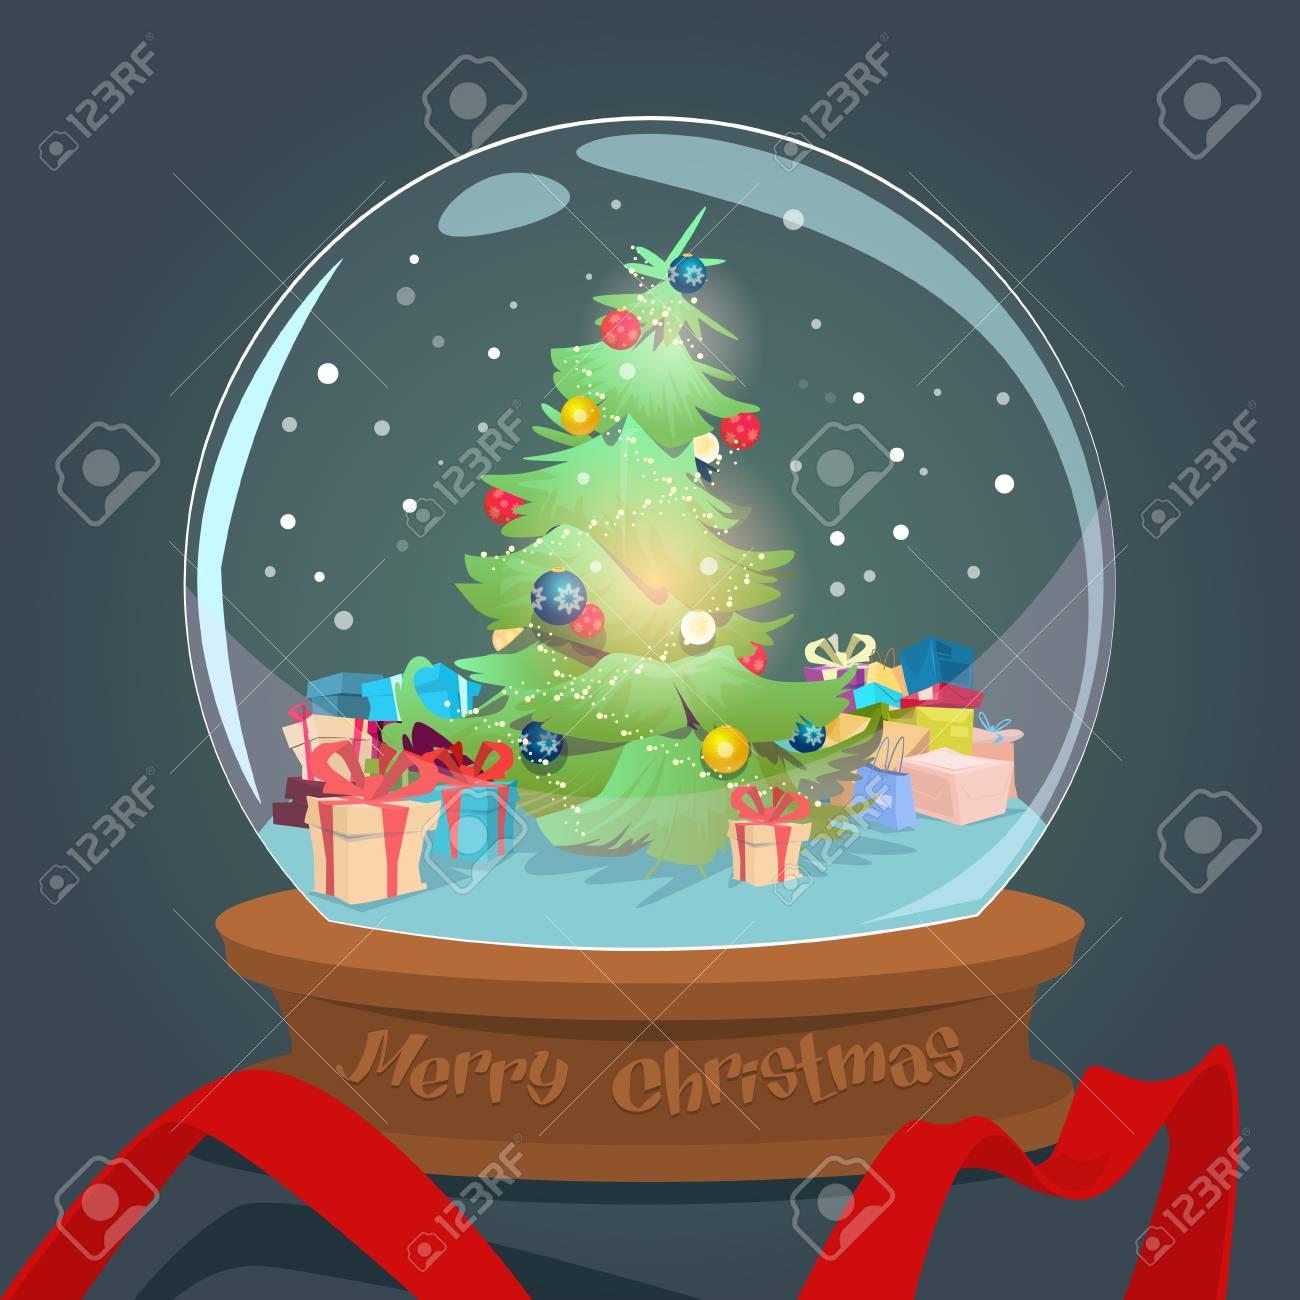 Weihnachtsgrüner Baum Mit Geschenkbox-Wunsch-Glasball-Gruß-Karte ...